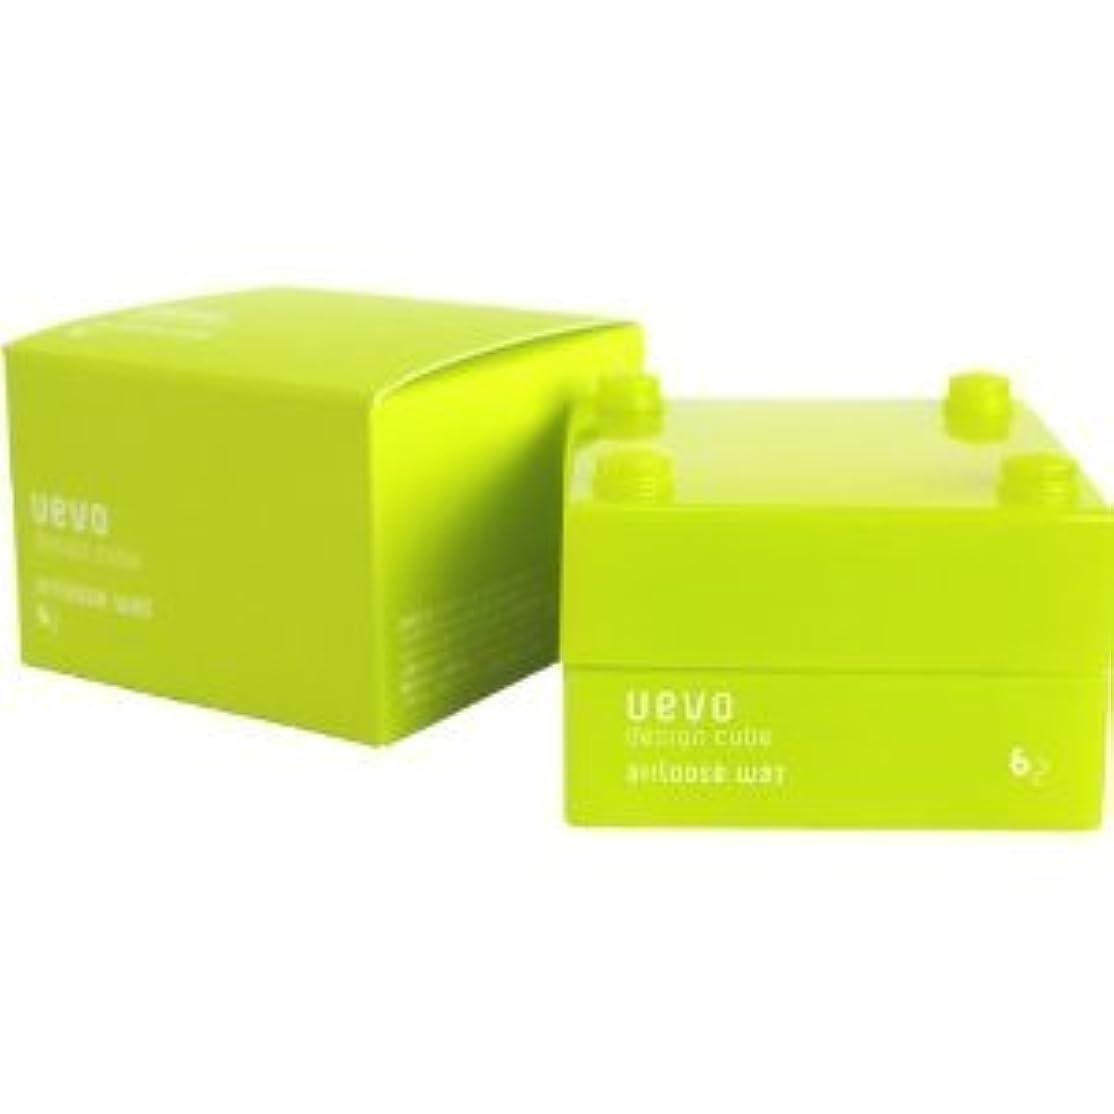 小石踊り子ゲートウェイ【X3個セット】 デミ ウェーボ デザインキューブ エアルーズワックス 30g airloose wax DEMI uevo design cube